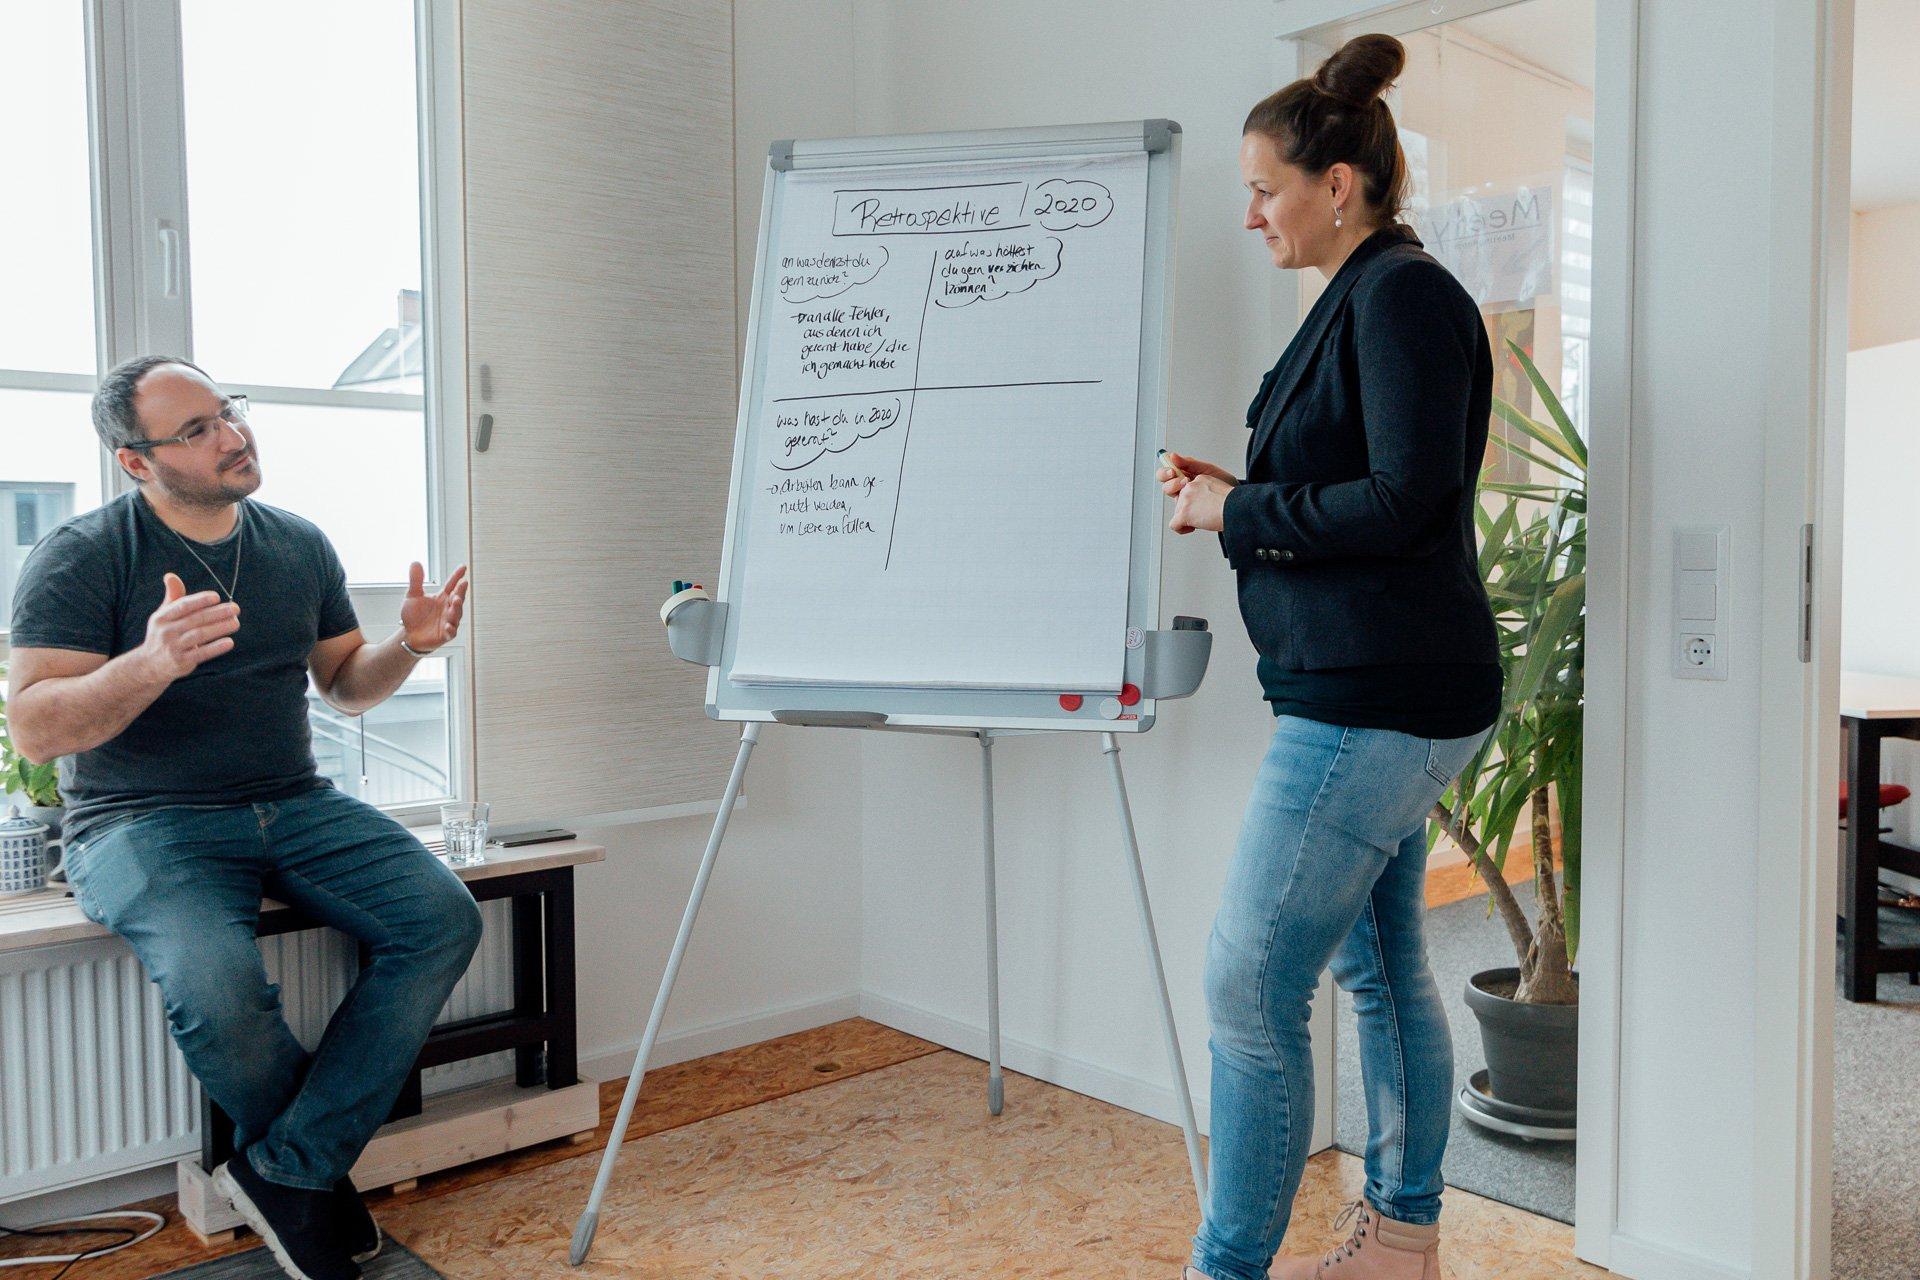 Zwei Personen bei einem Coaching mit Flipchart